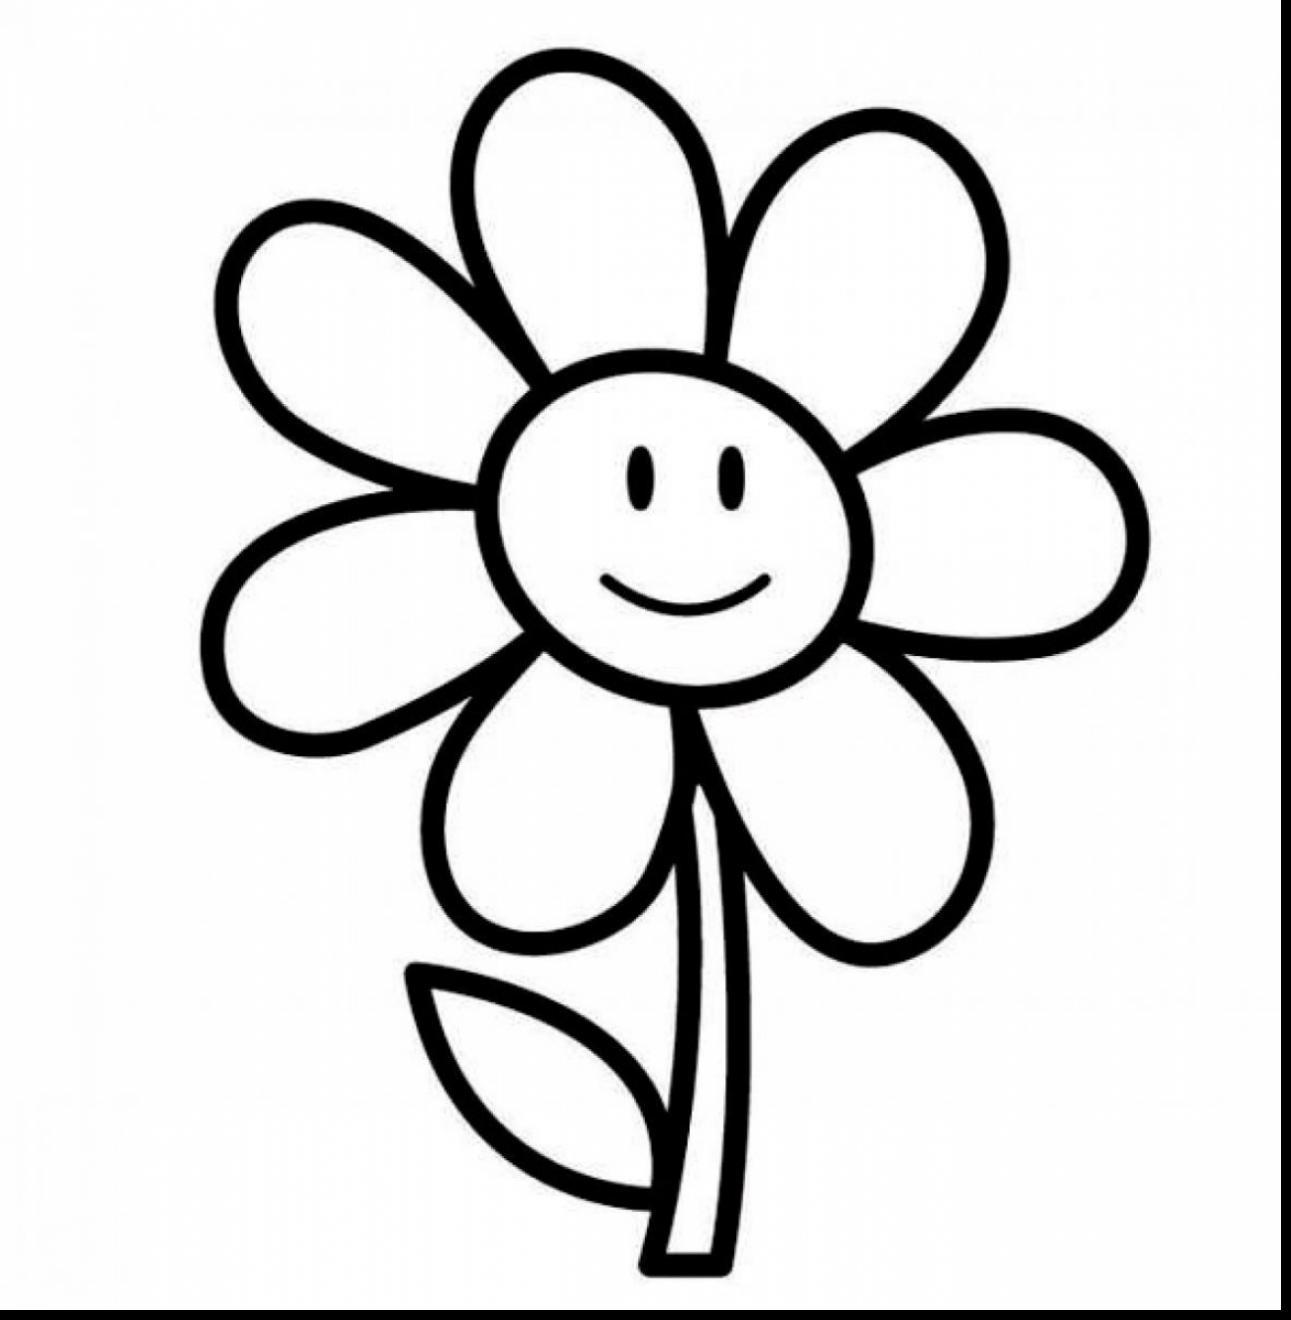 Snowflake Easy Drawing At Getdrawings